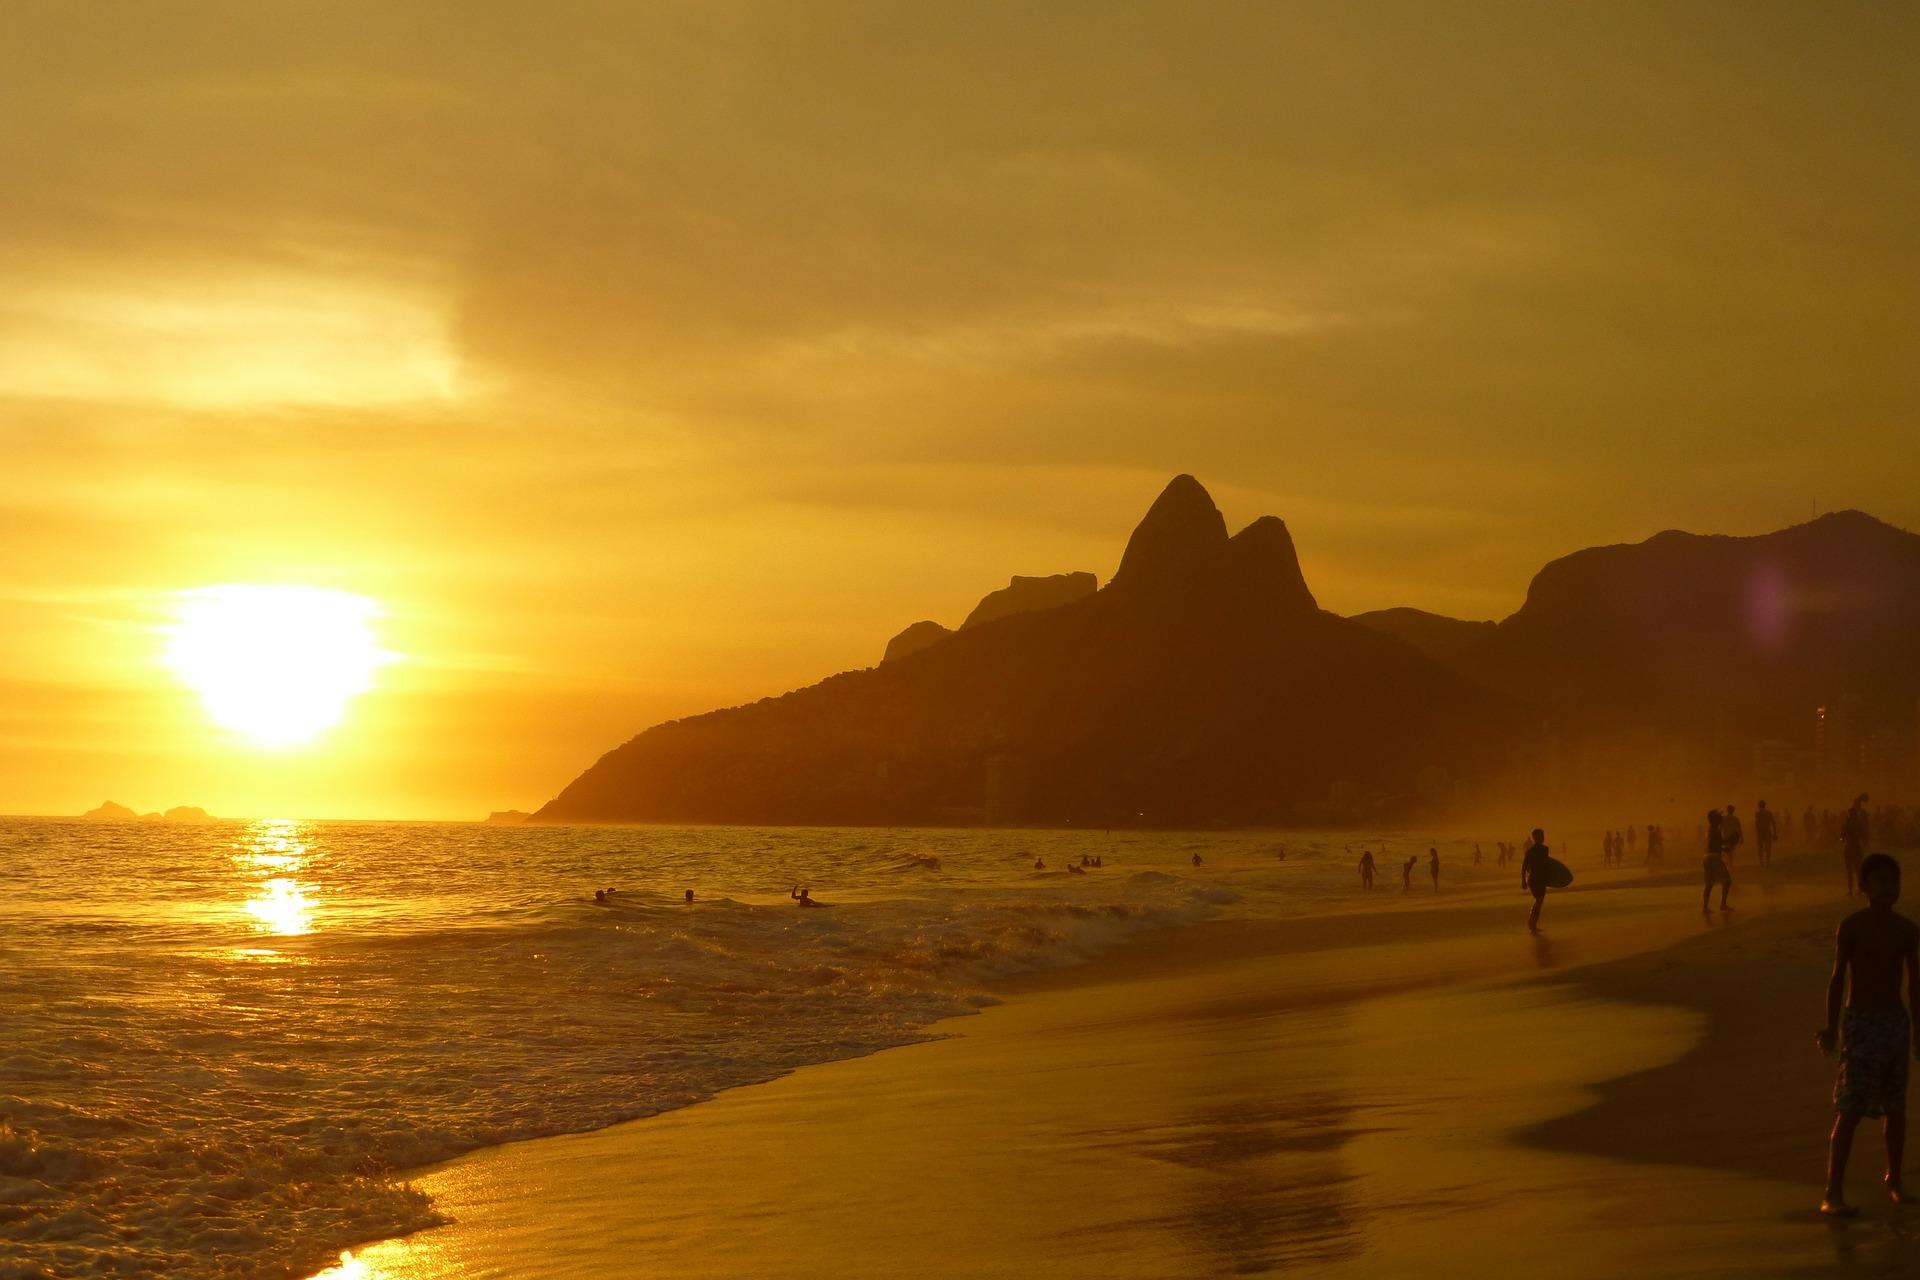 Ipanema, Férias Rio de janeiro, Praia, Pôr do sol, Sol, montanhas, Amarelo - Papéis de parede HD - Professor-falken.com